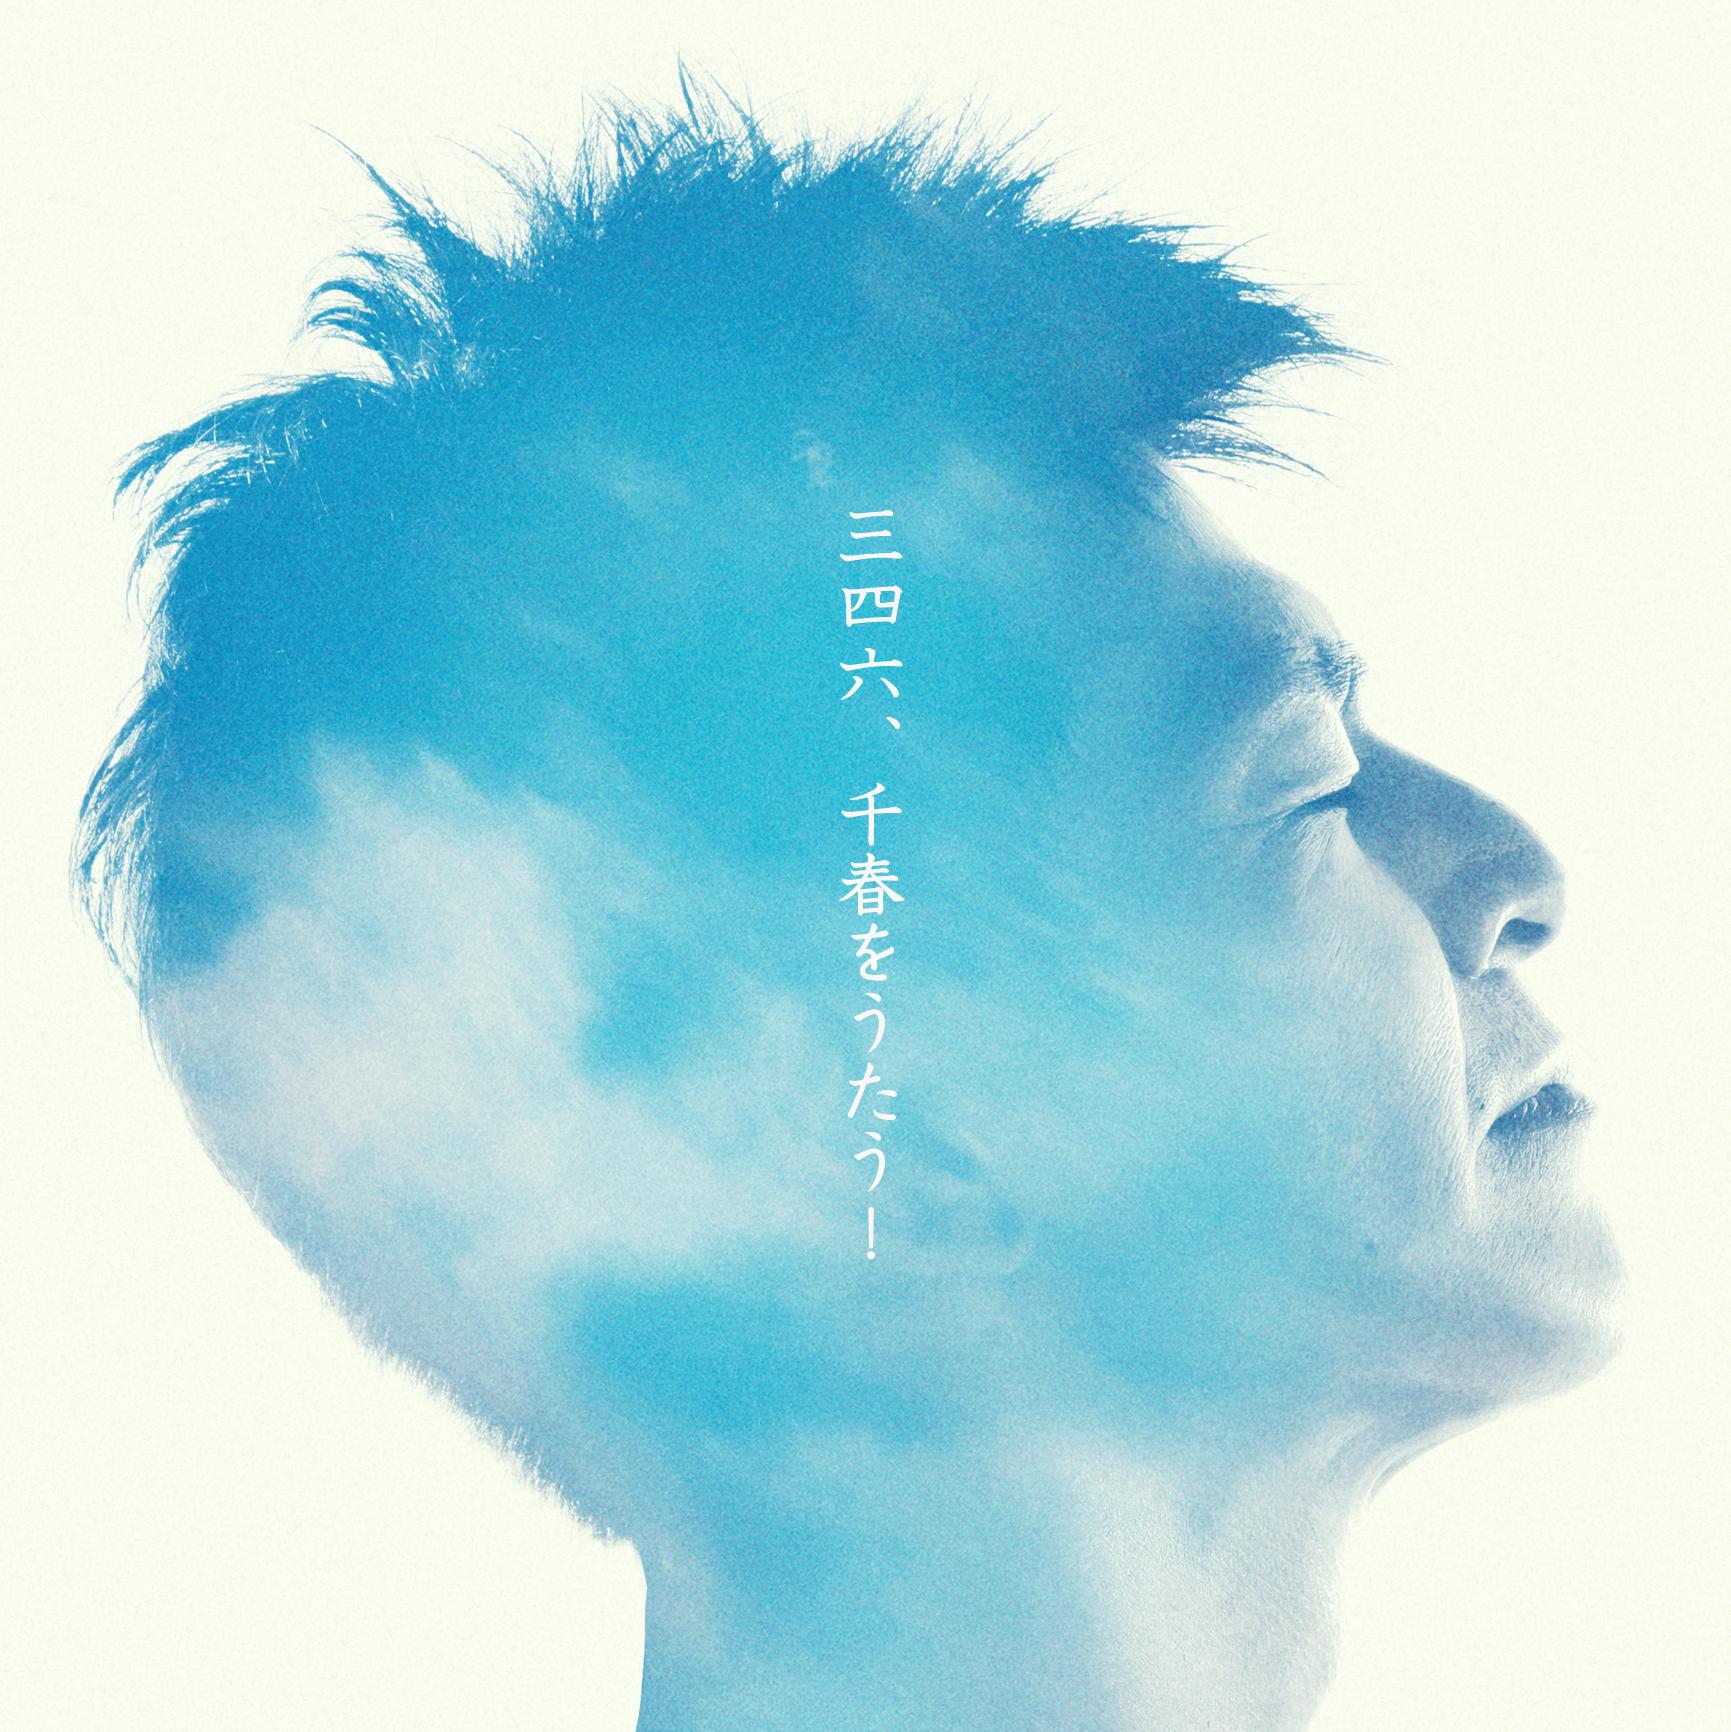 【初の弾き語りアルバム】「三四六、千春をうたう!」(CD/プラケース仕様)【特典ポストカード3種】